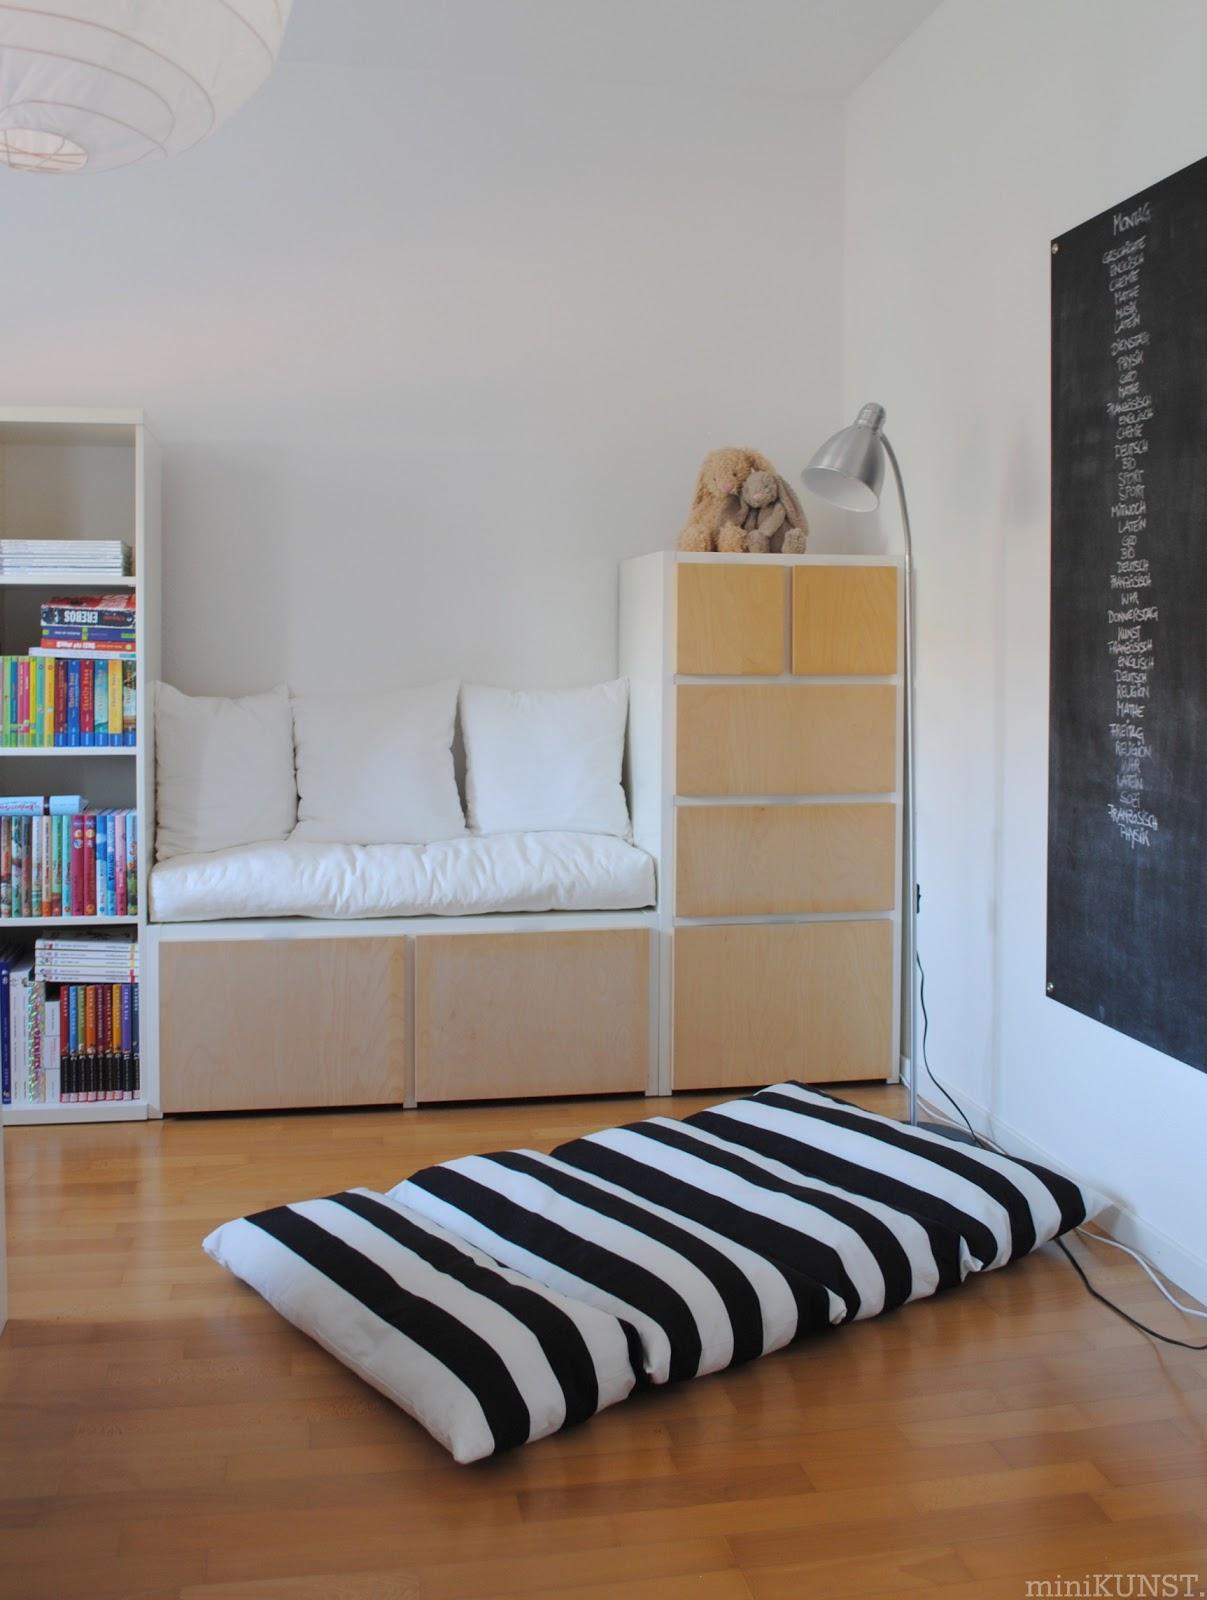 Kleiderablage Schlafzimmer – cyberbase.co